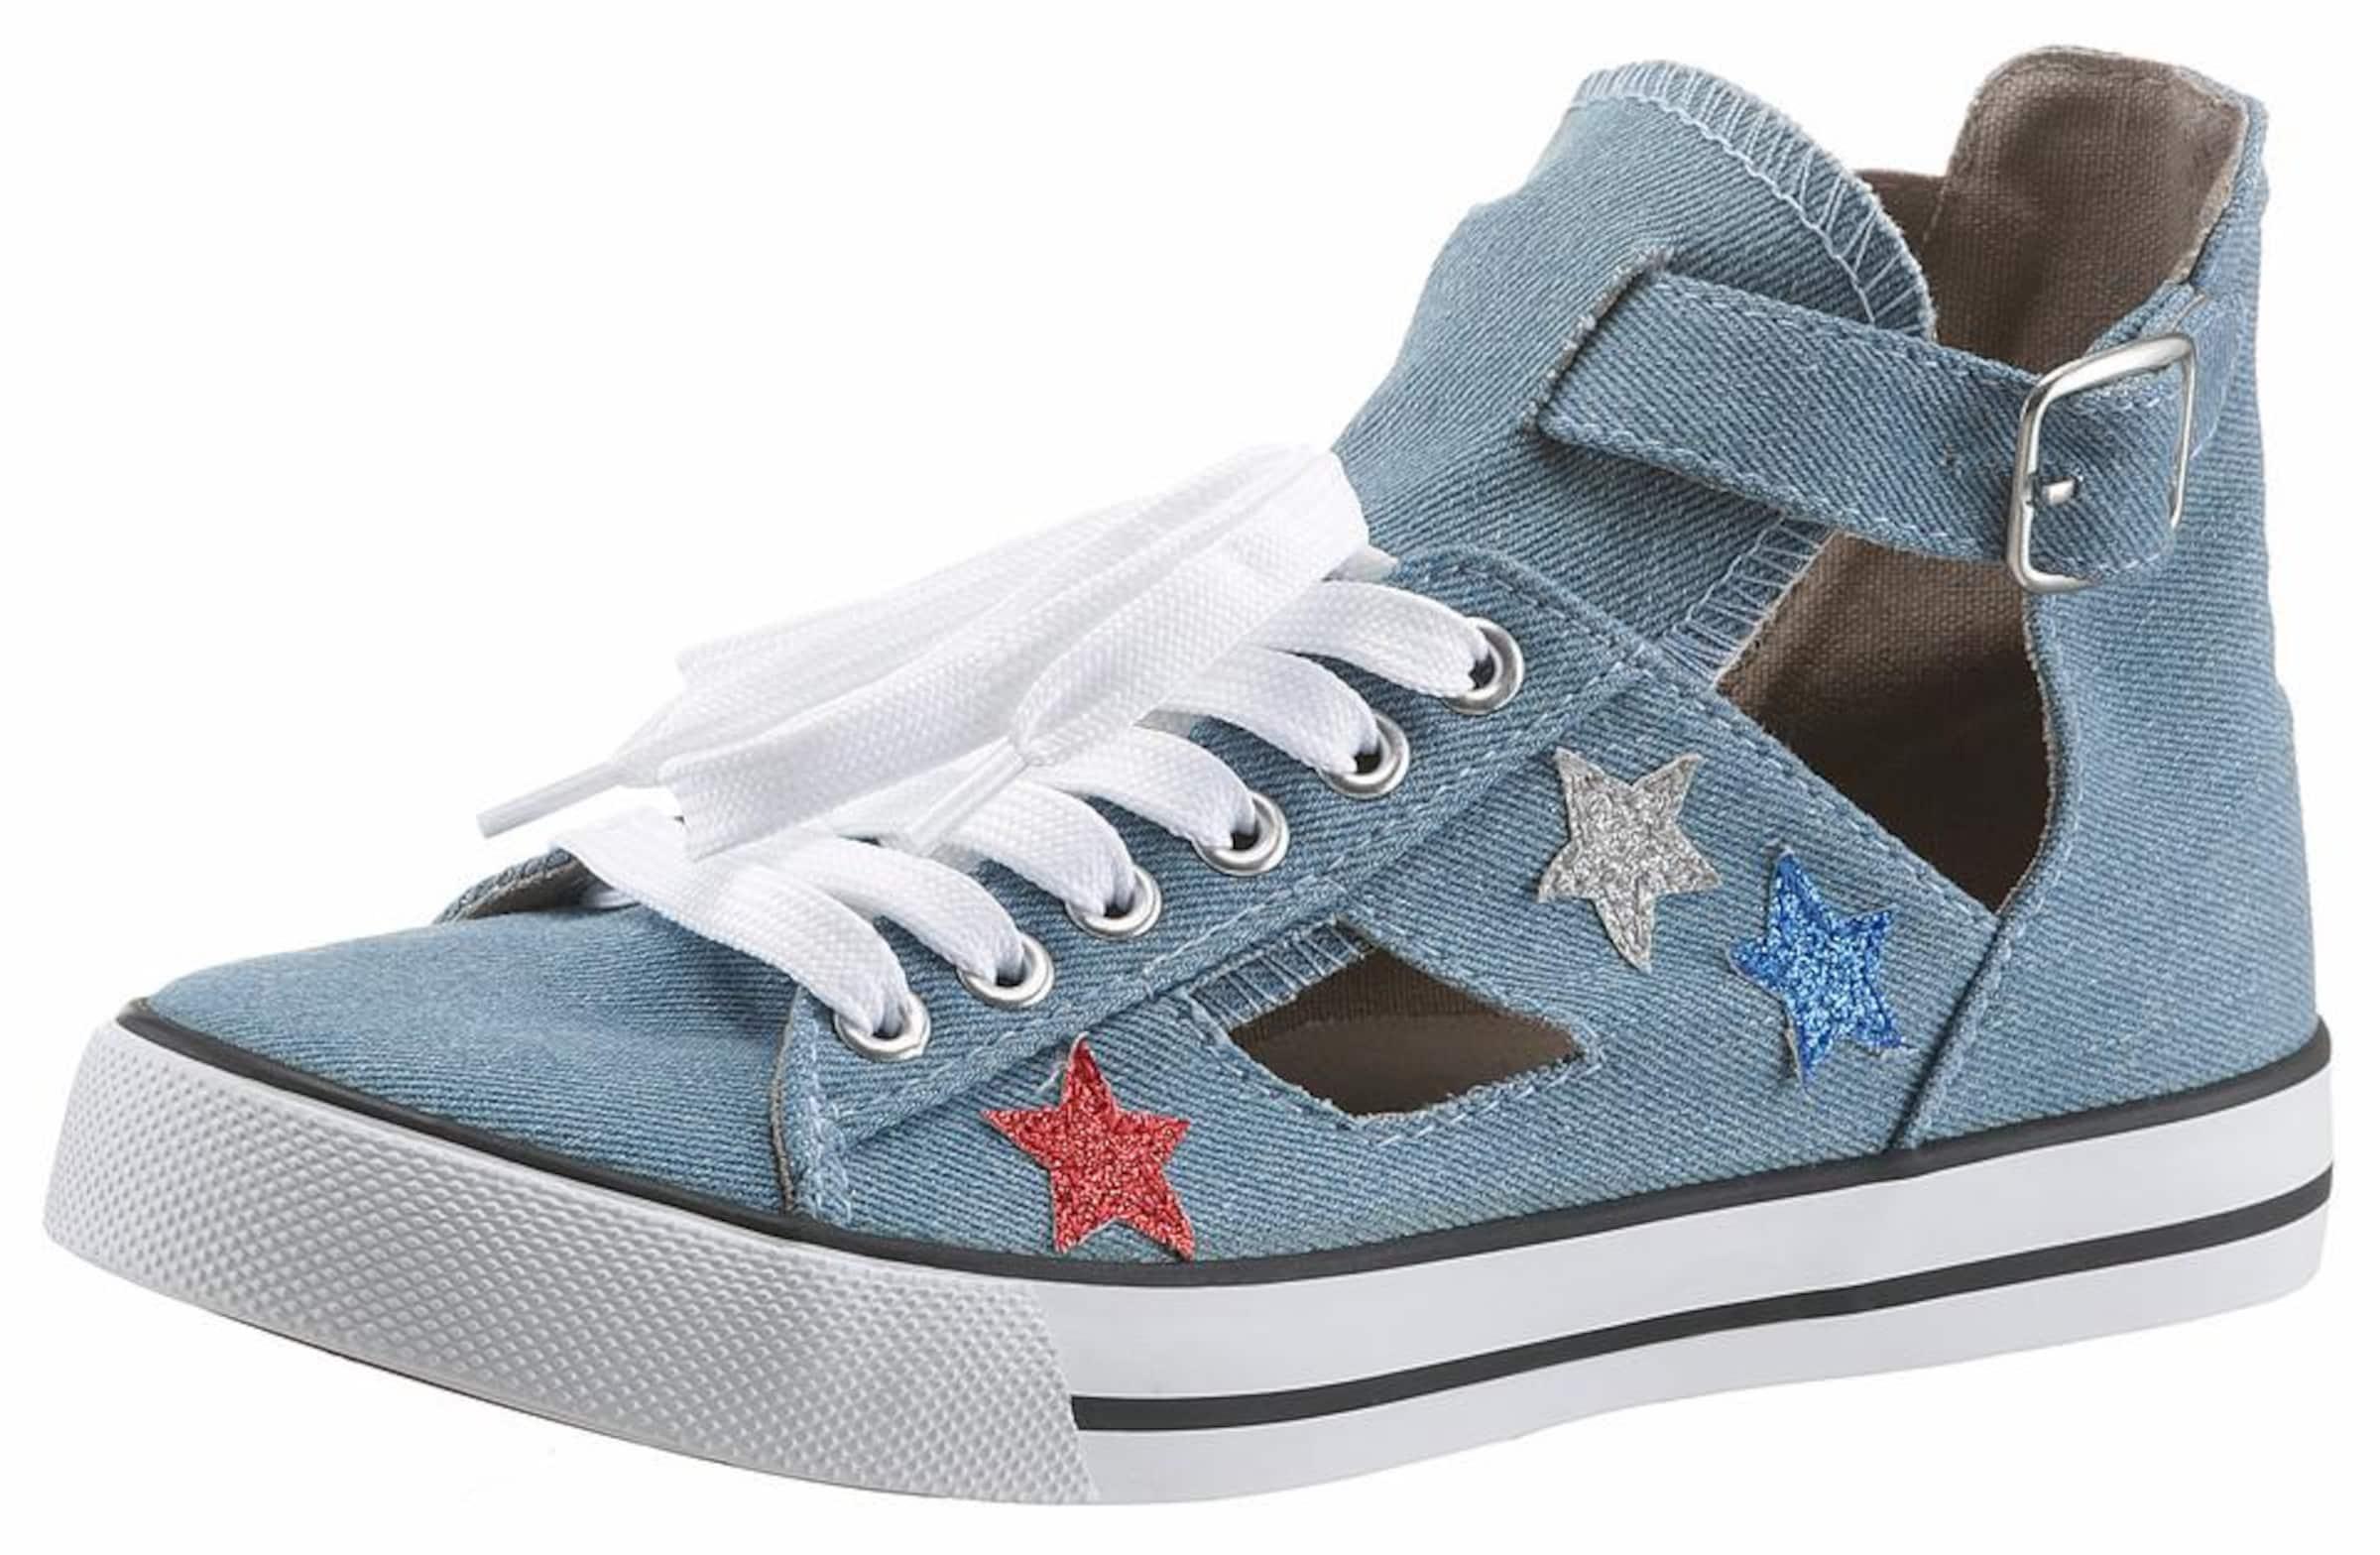 ARIZONA Sneaker Spielraum Neueste Online-Shop Aus Deutschland Lieferung Frei Haus Mit Kreditkarte Auslauf Laden Verkauf x4Mod1